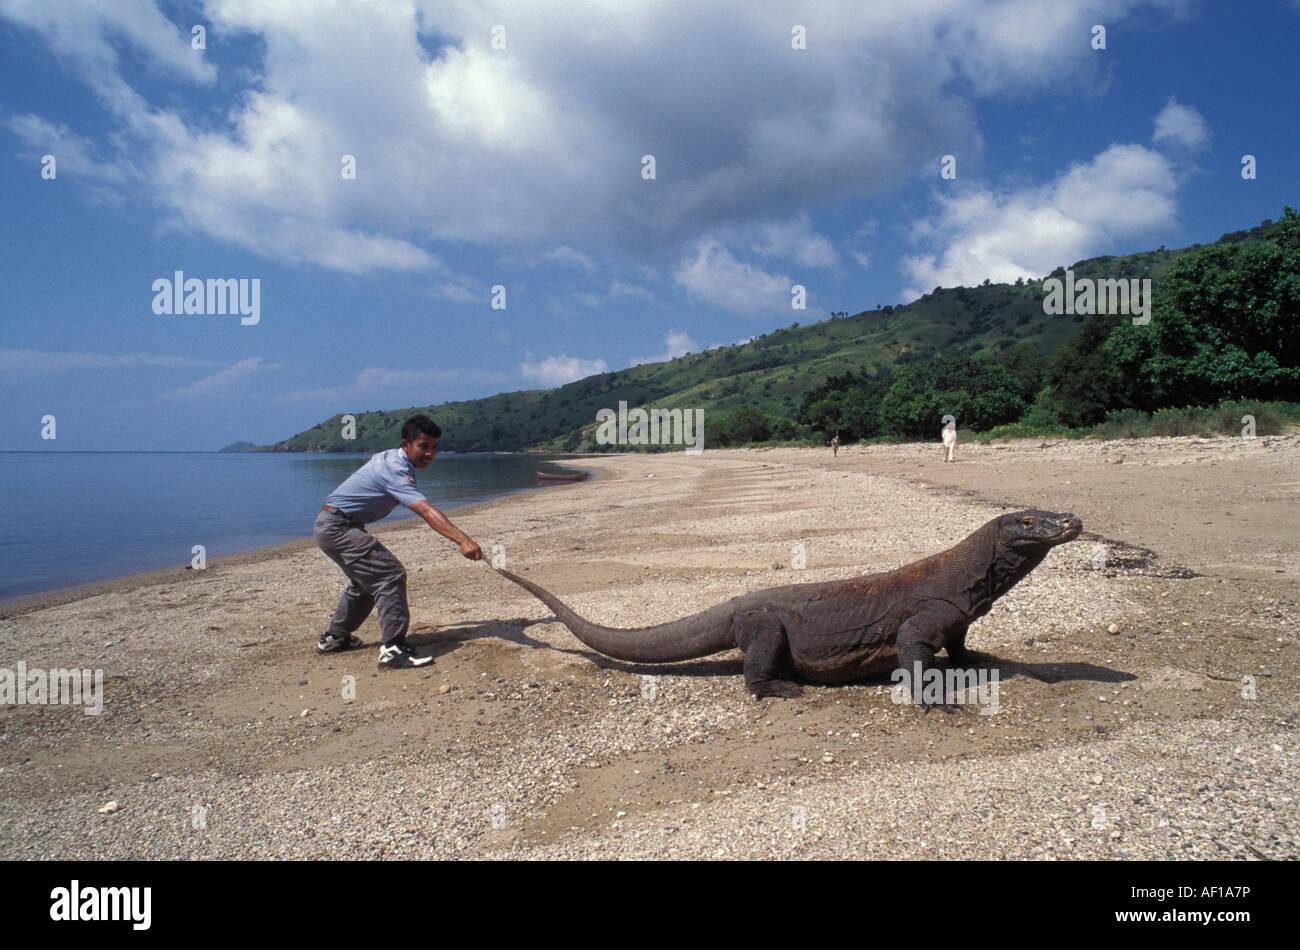 Komodo dragon (Varanus komodoensis) on beach, tail being pulled by ranger - Stock Image